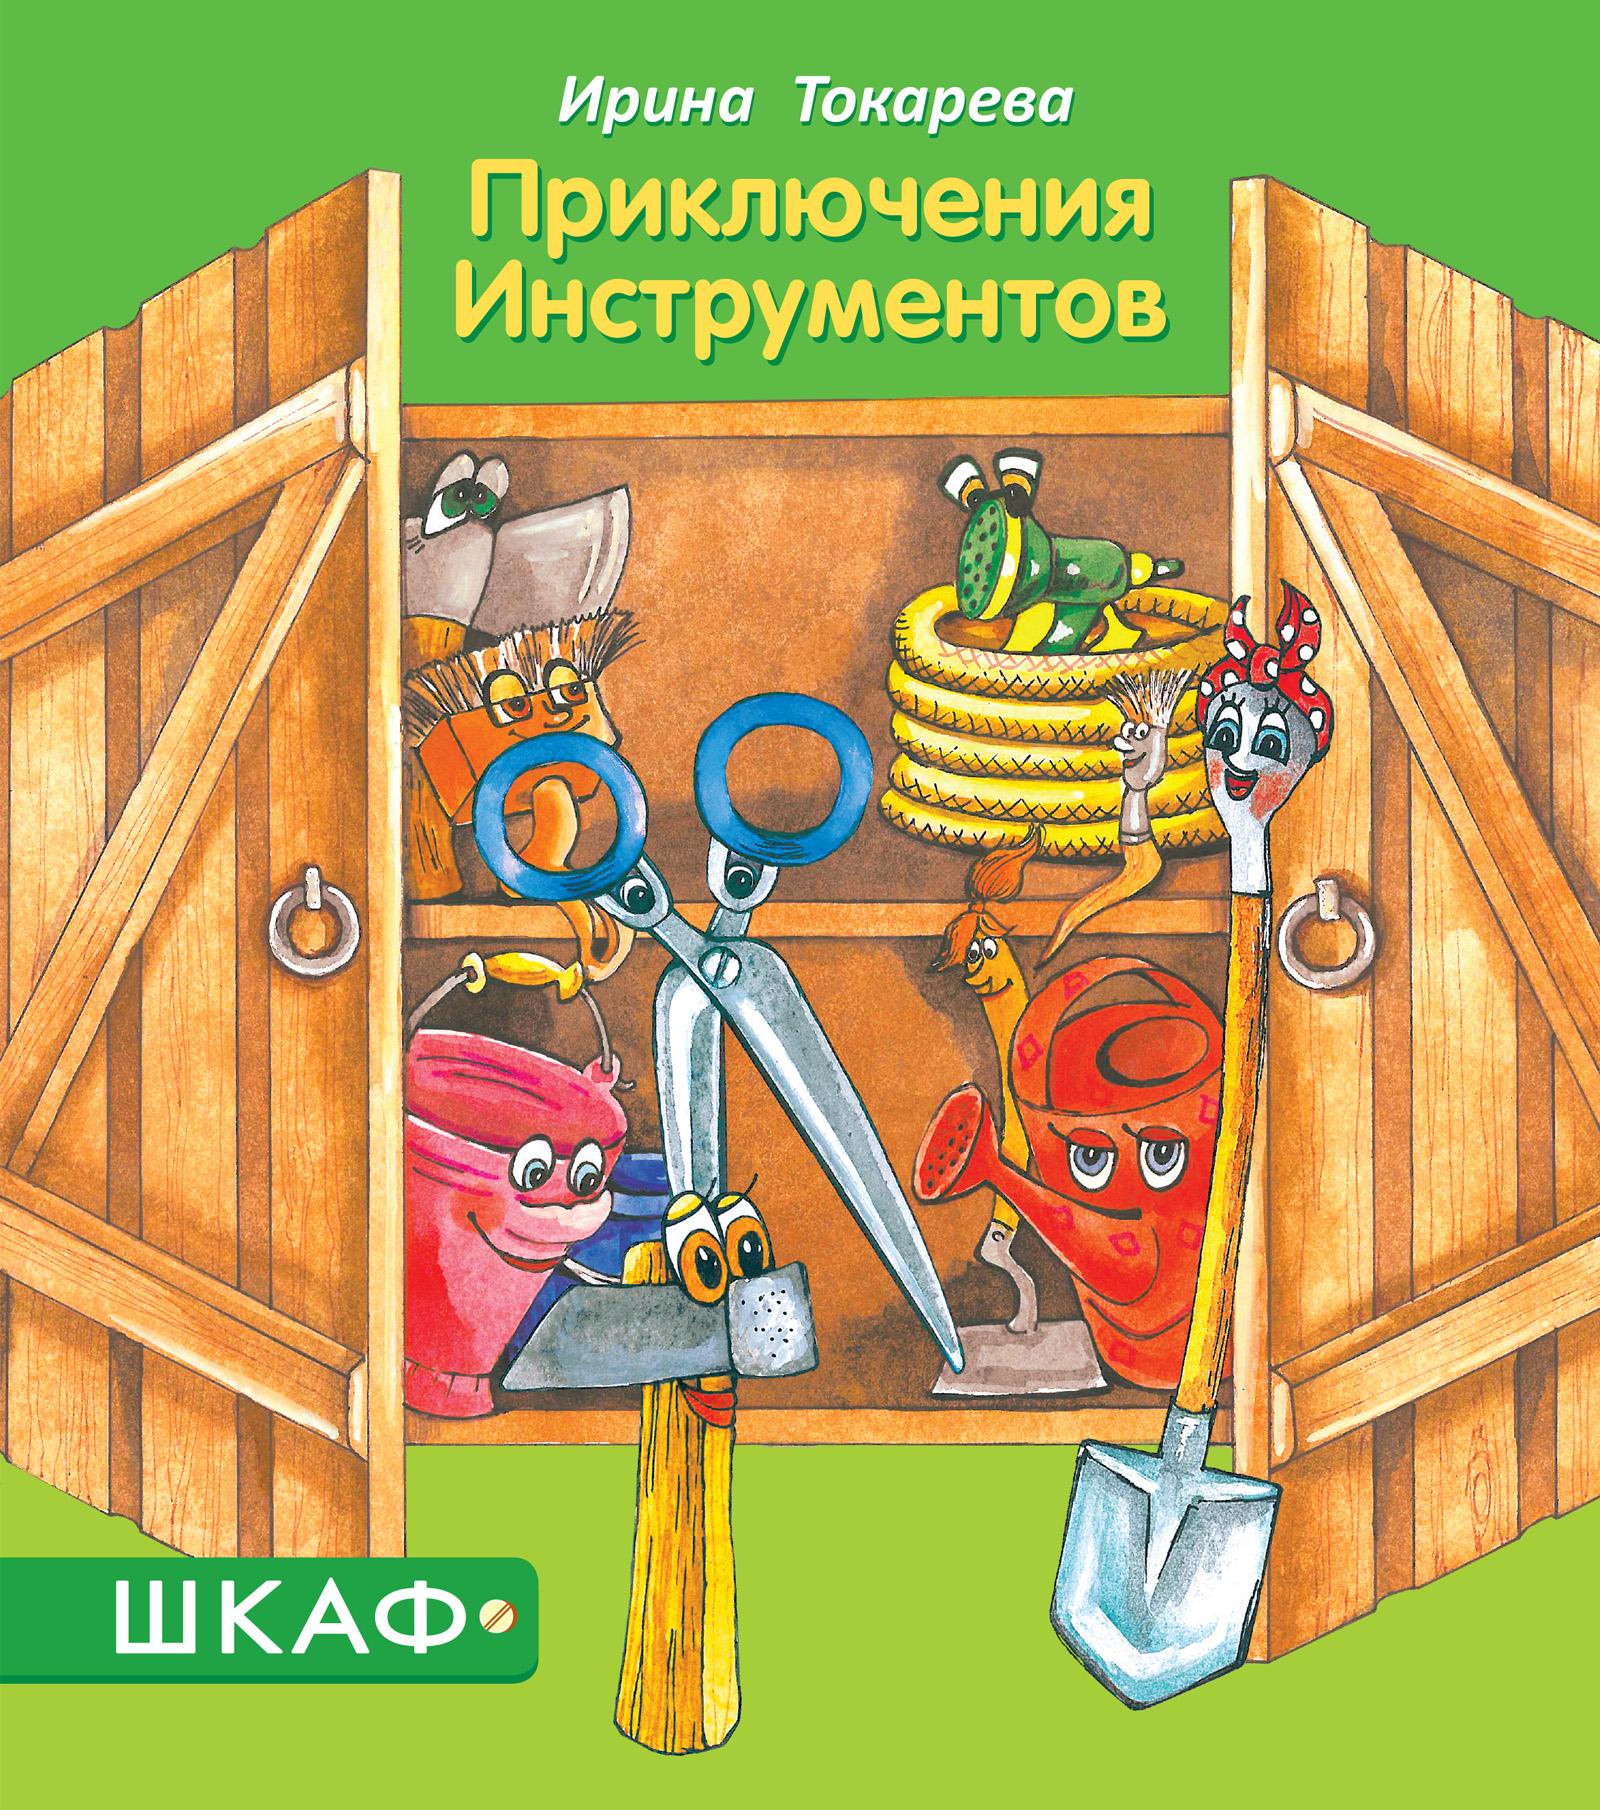 Приключения Инструментов